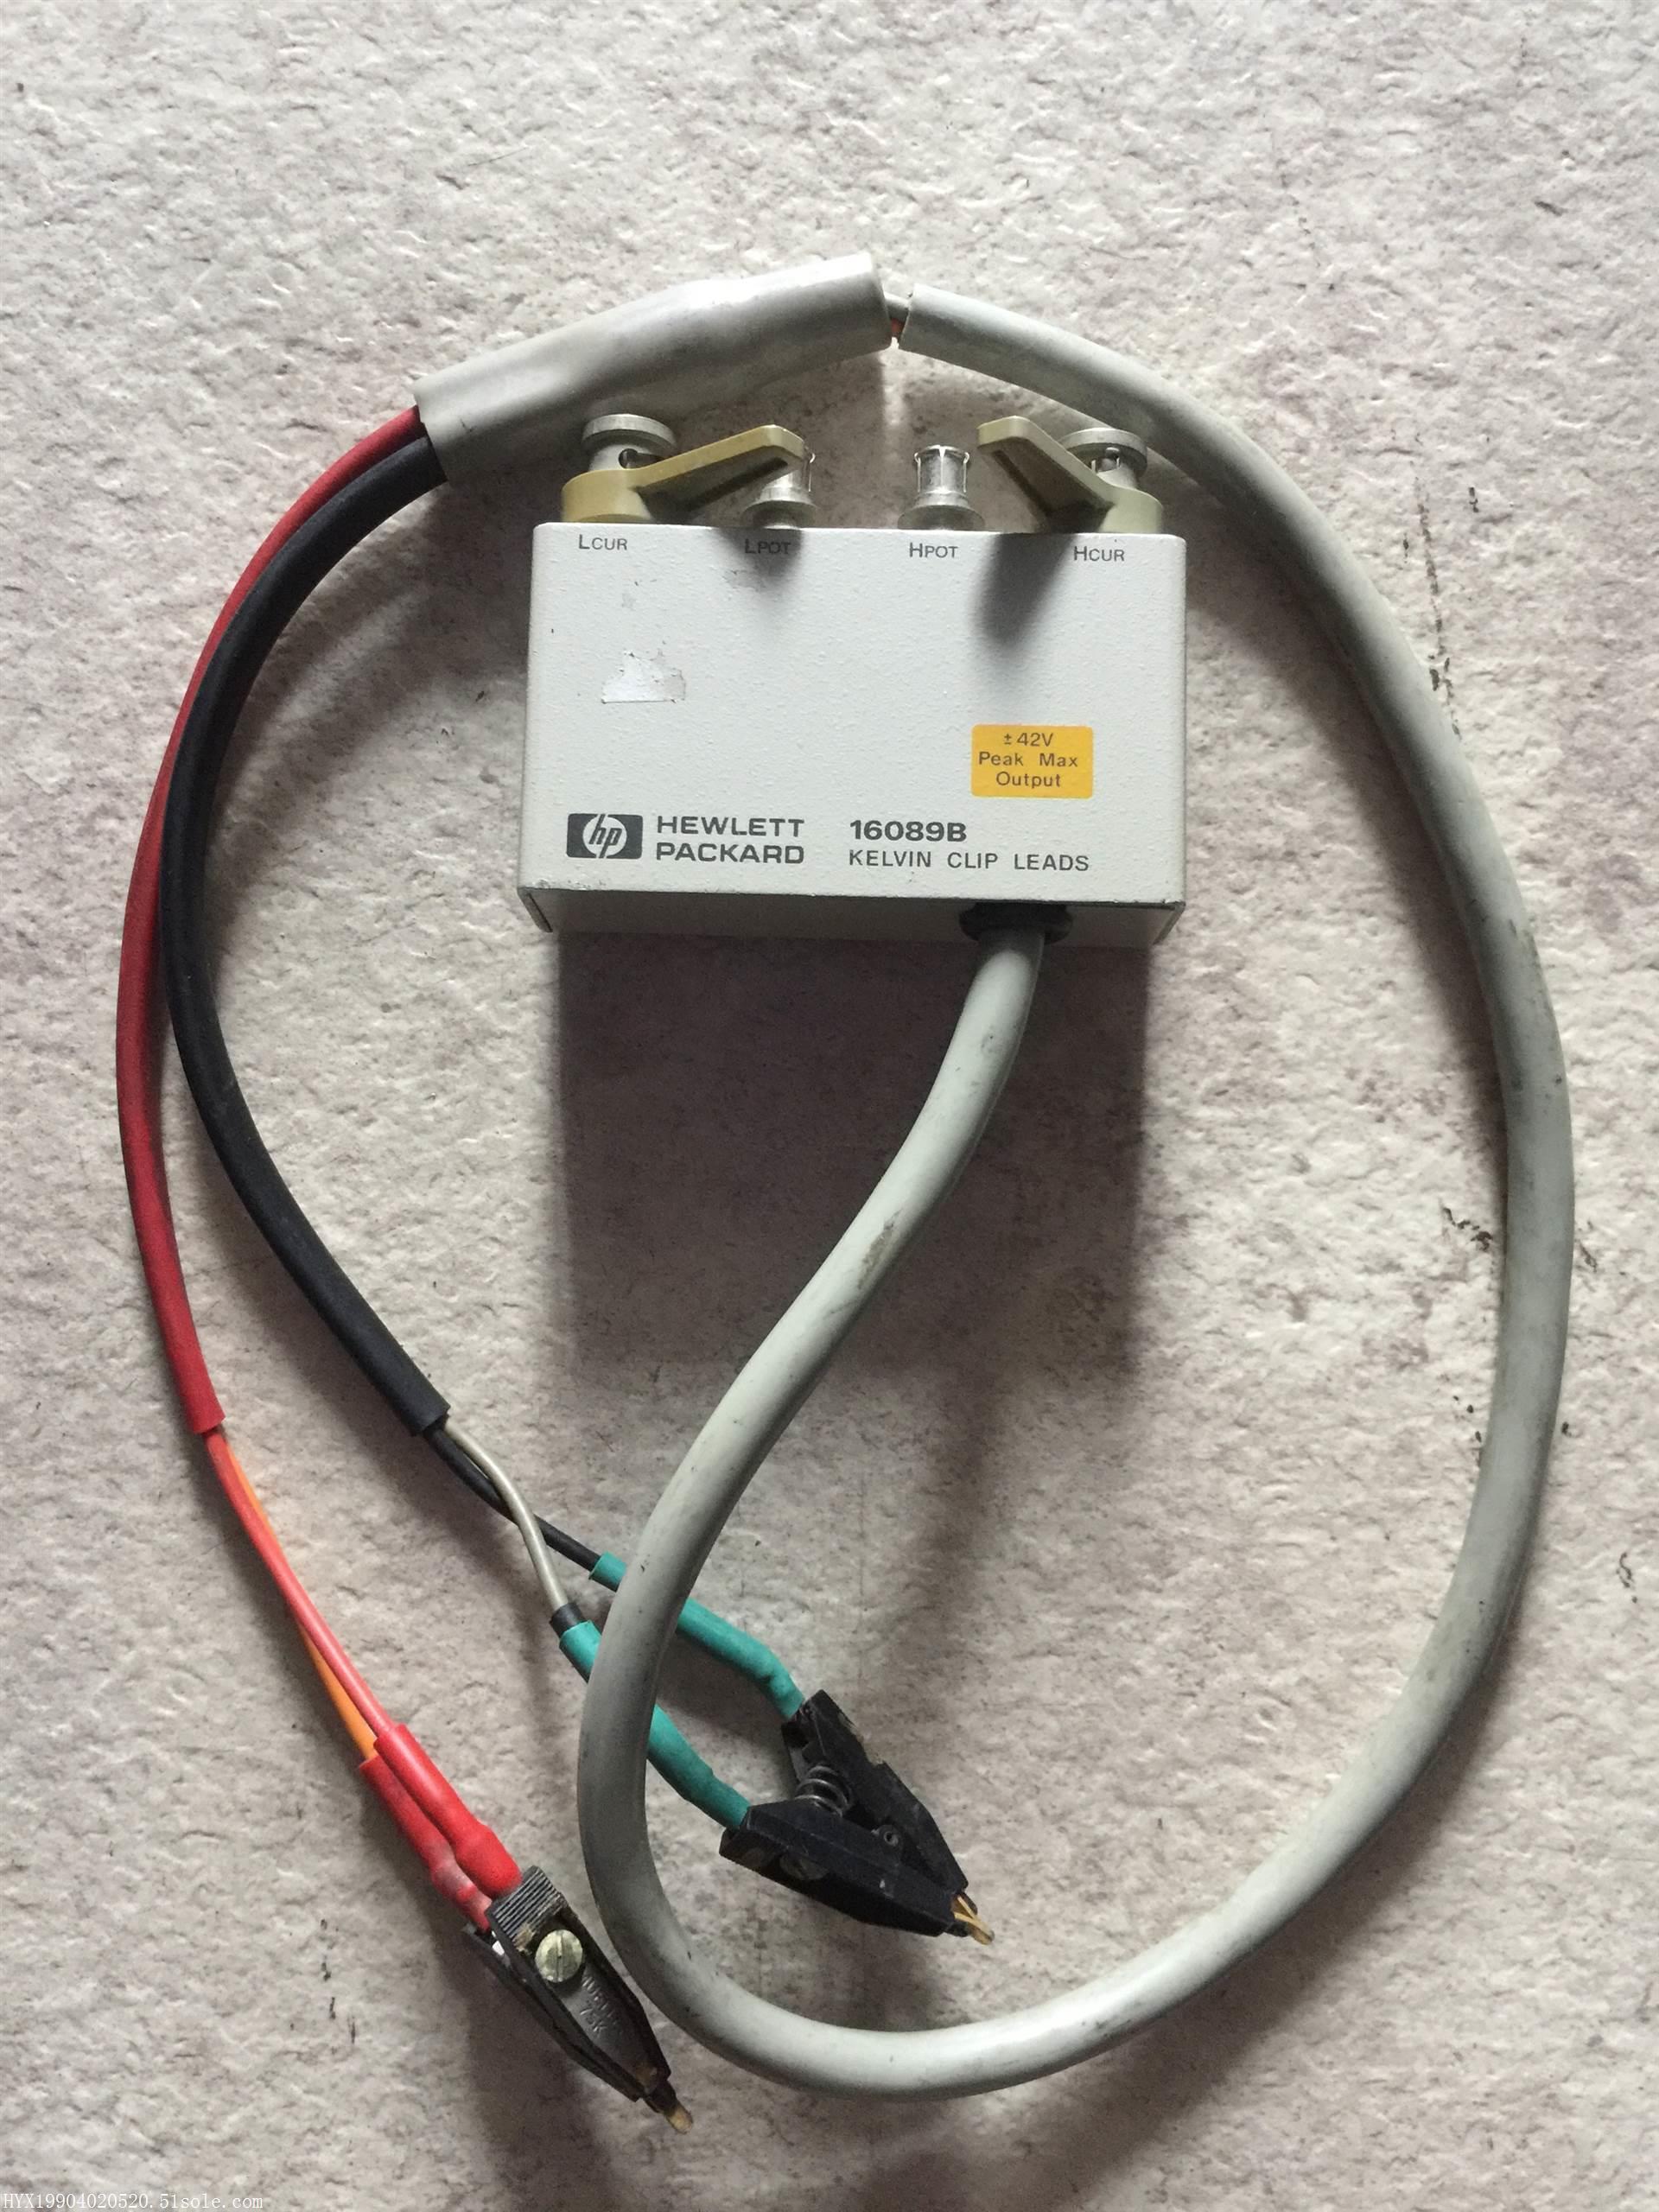 5折甩货HP16089B电感测试夹具Agilent16089B刘S 158-8930-0166